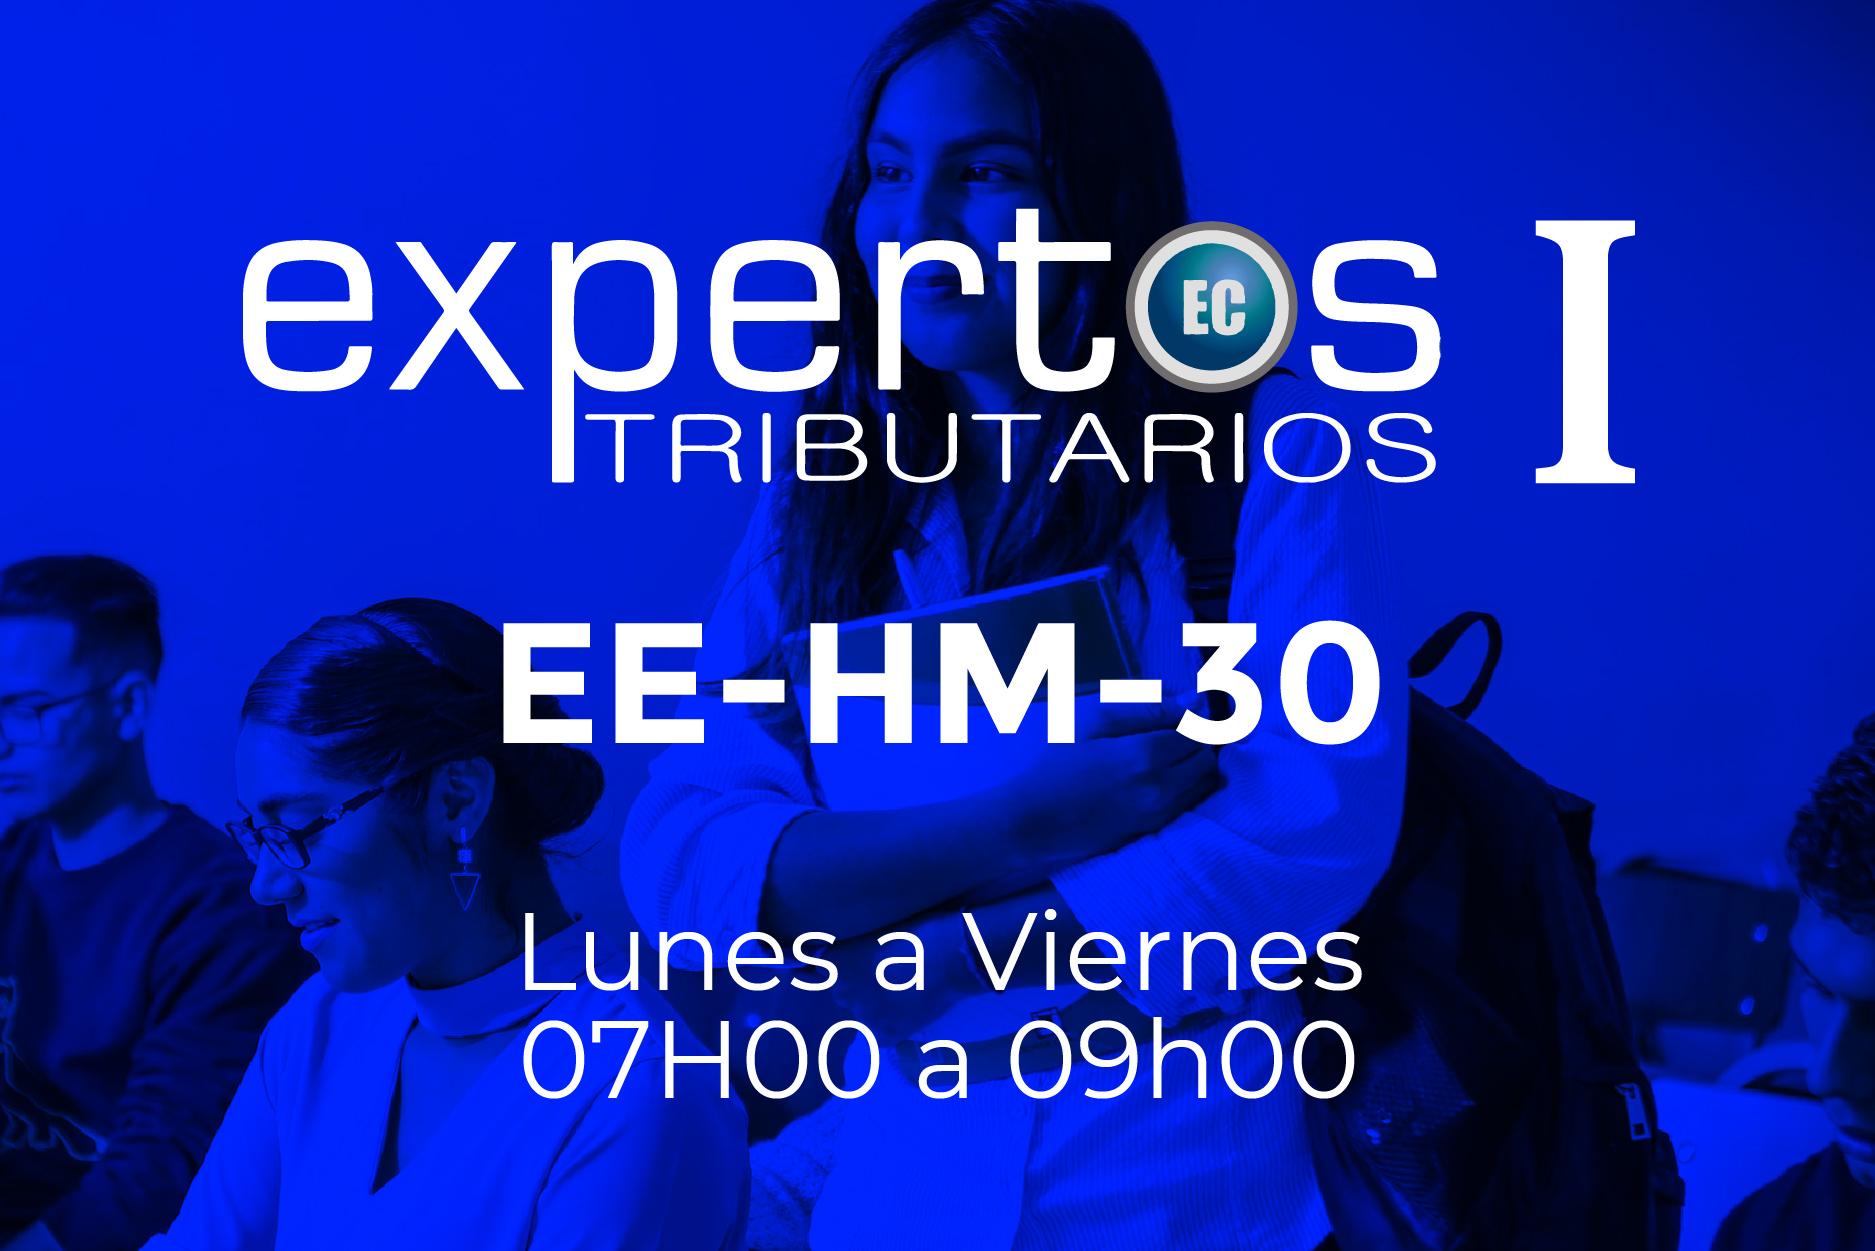 30 - EXPERTOS TRIBUTARIOS - LUNES A VIERNES - 07:00 A 09:00